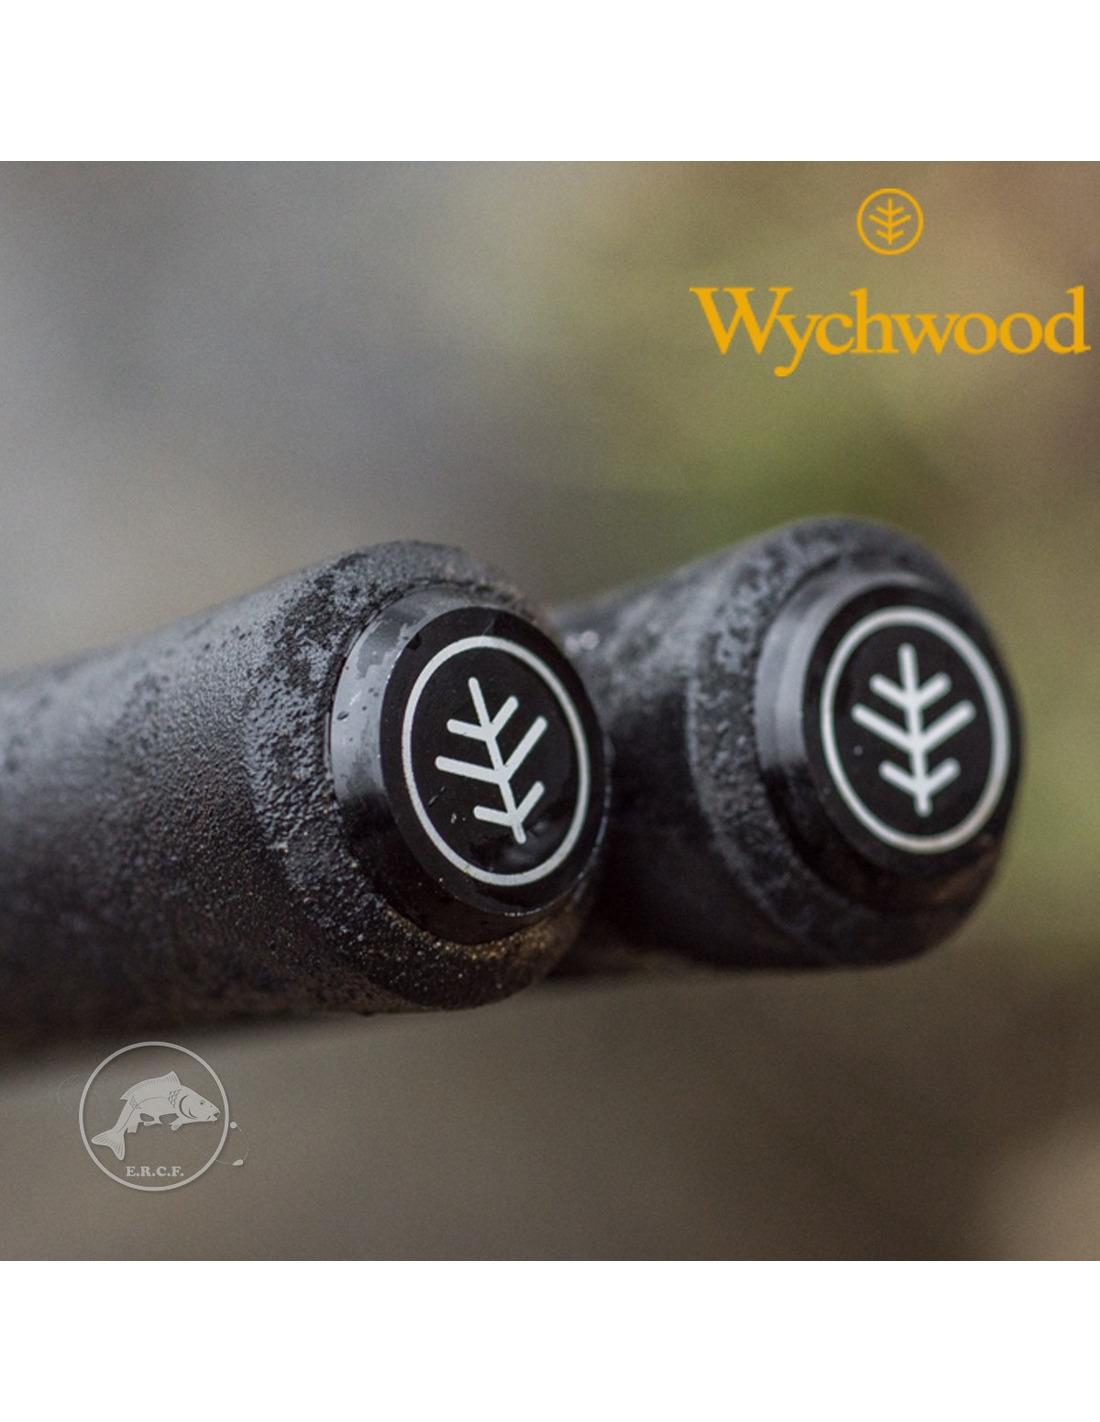 wychwood riot eva rod 10ft 3lb pack 3 x 2. Black Bedroom Furniture Sets. Home Design Ideas